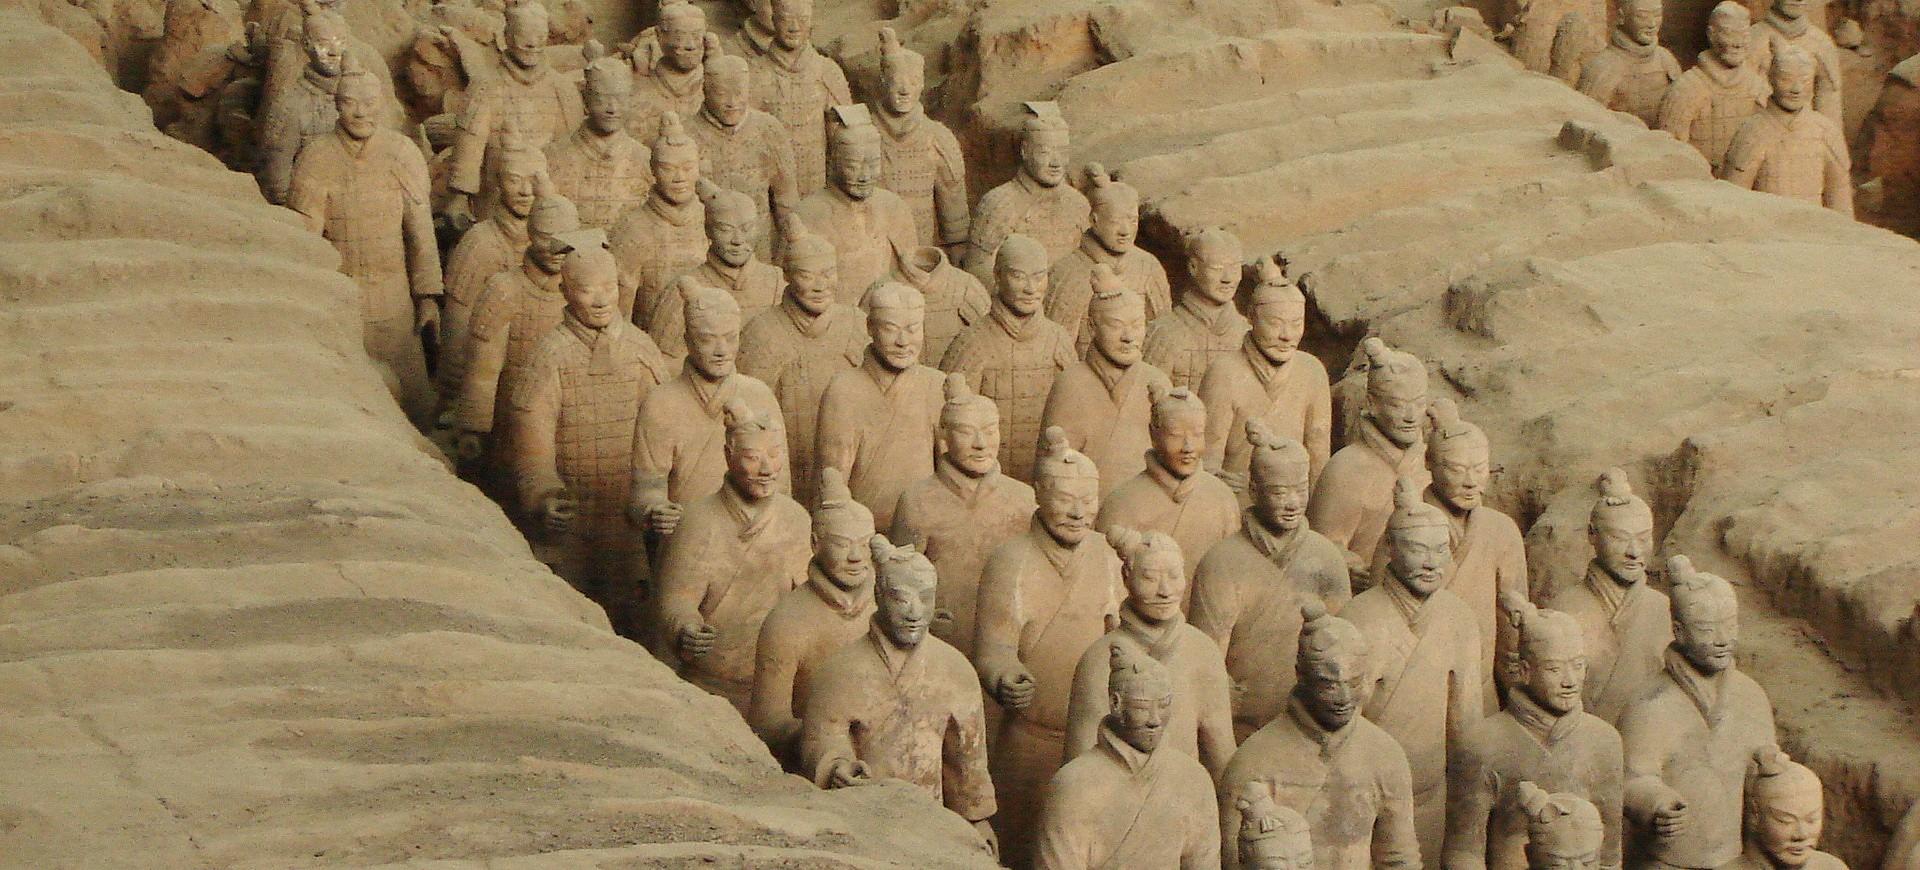 Armée de soldats en terre cuite à Xian en Chine